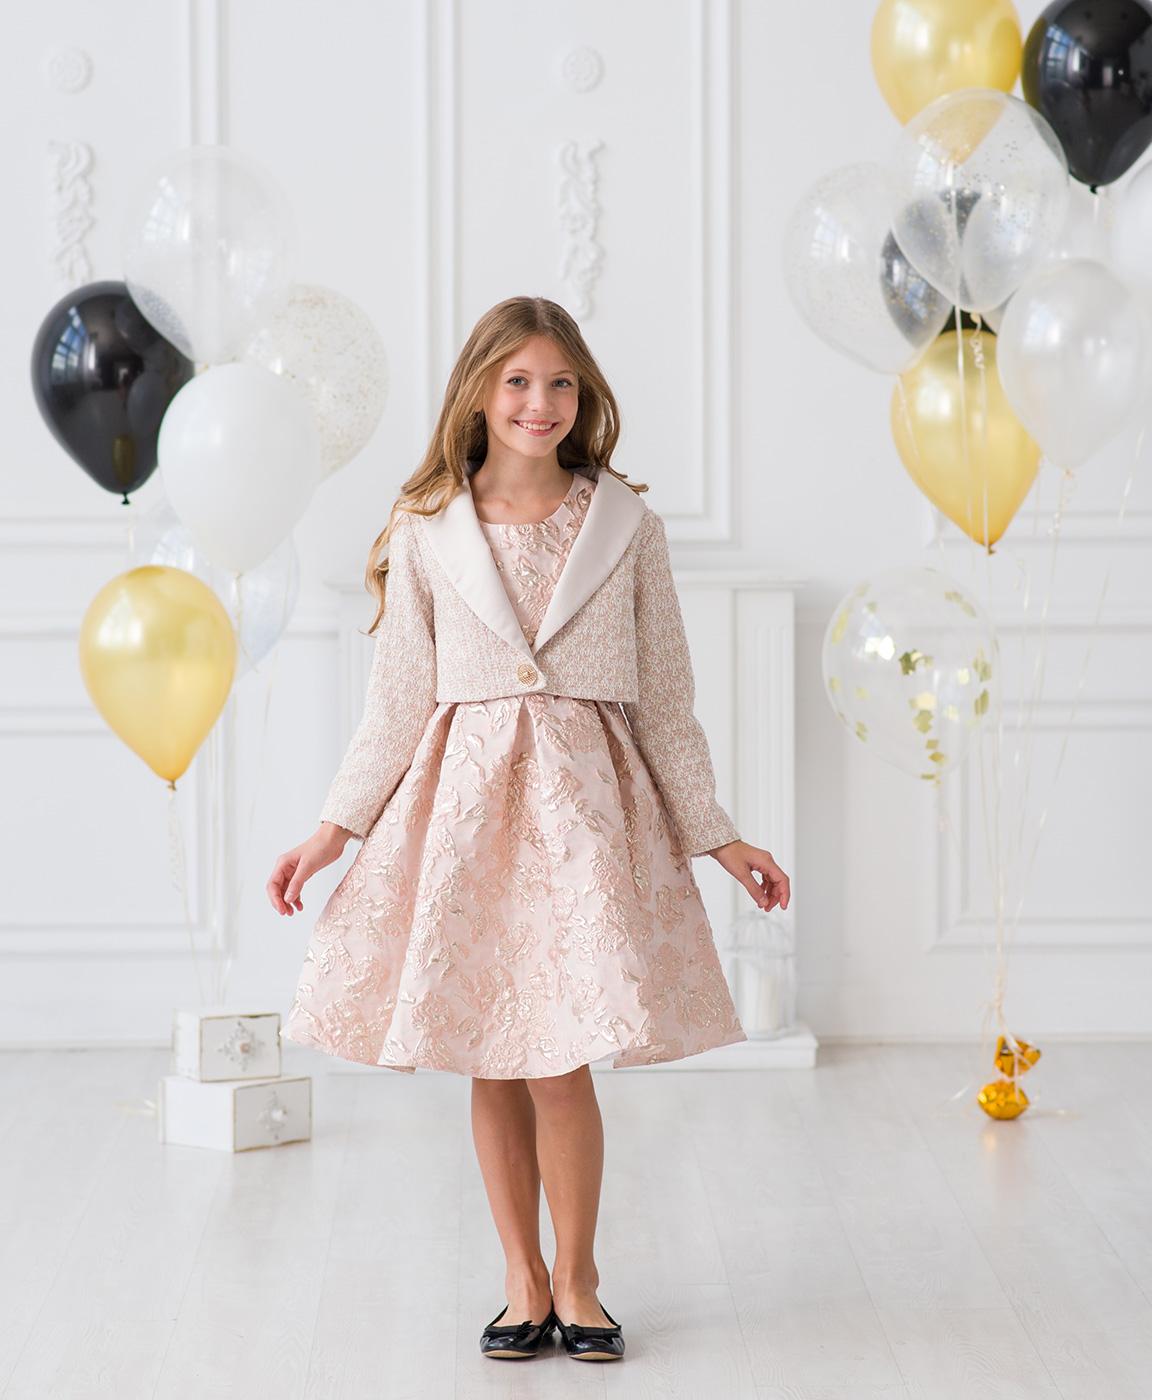 bca625172fa4 Нарядные платья от модного бренда Жакет для девочек к празднику. Нарядные  платья от модного бренда детской одежды Красавушка